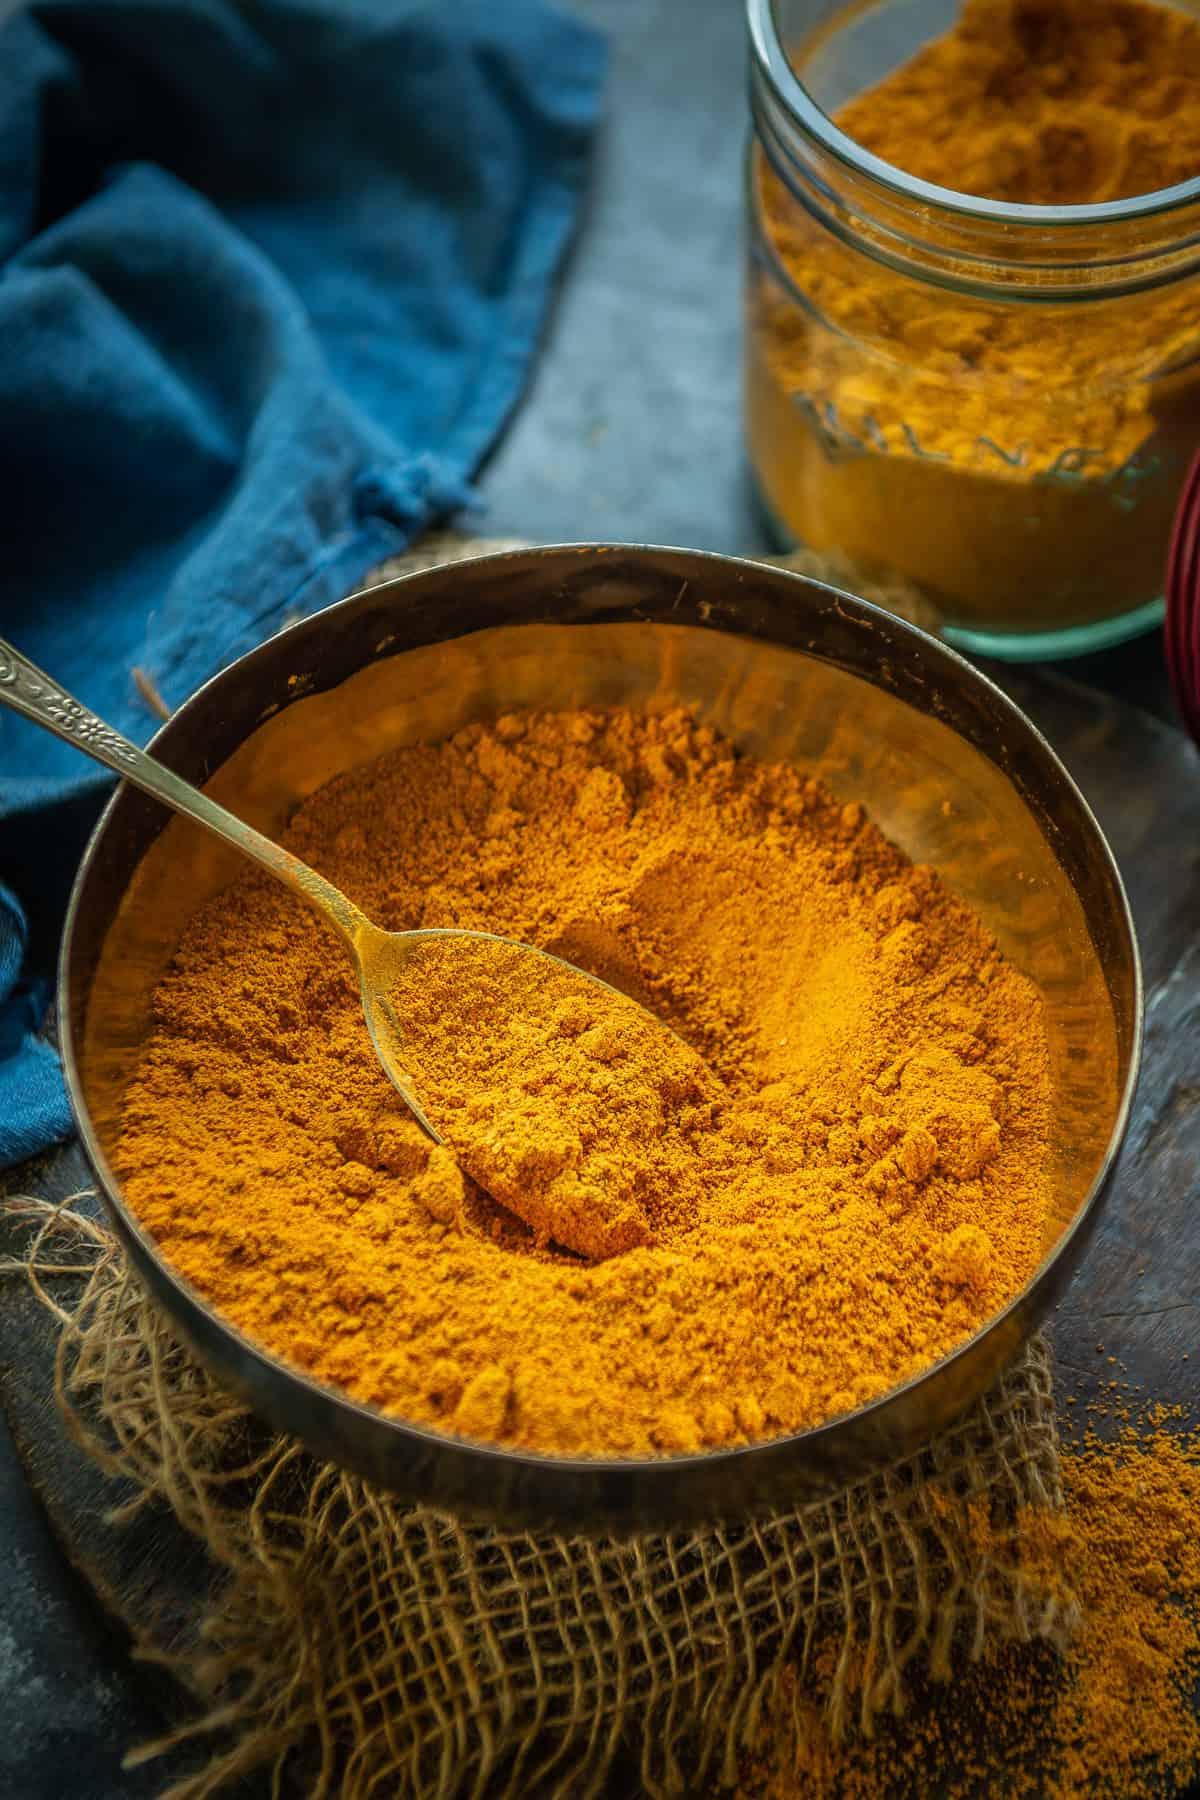 Sambar Powder kept in a bowl.